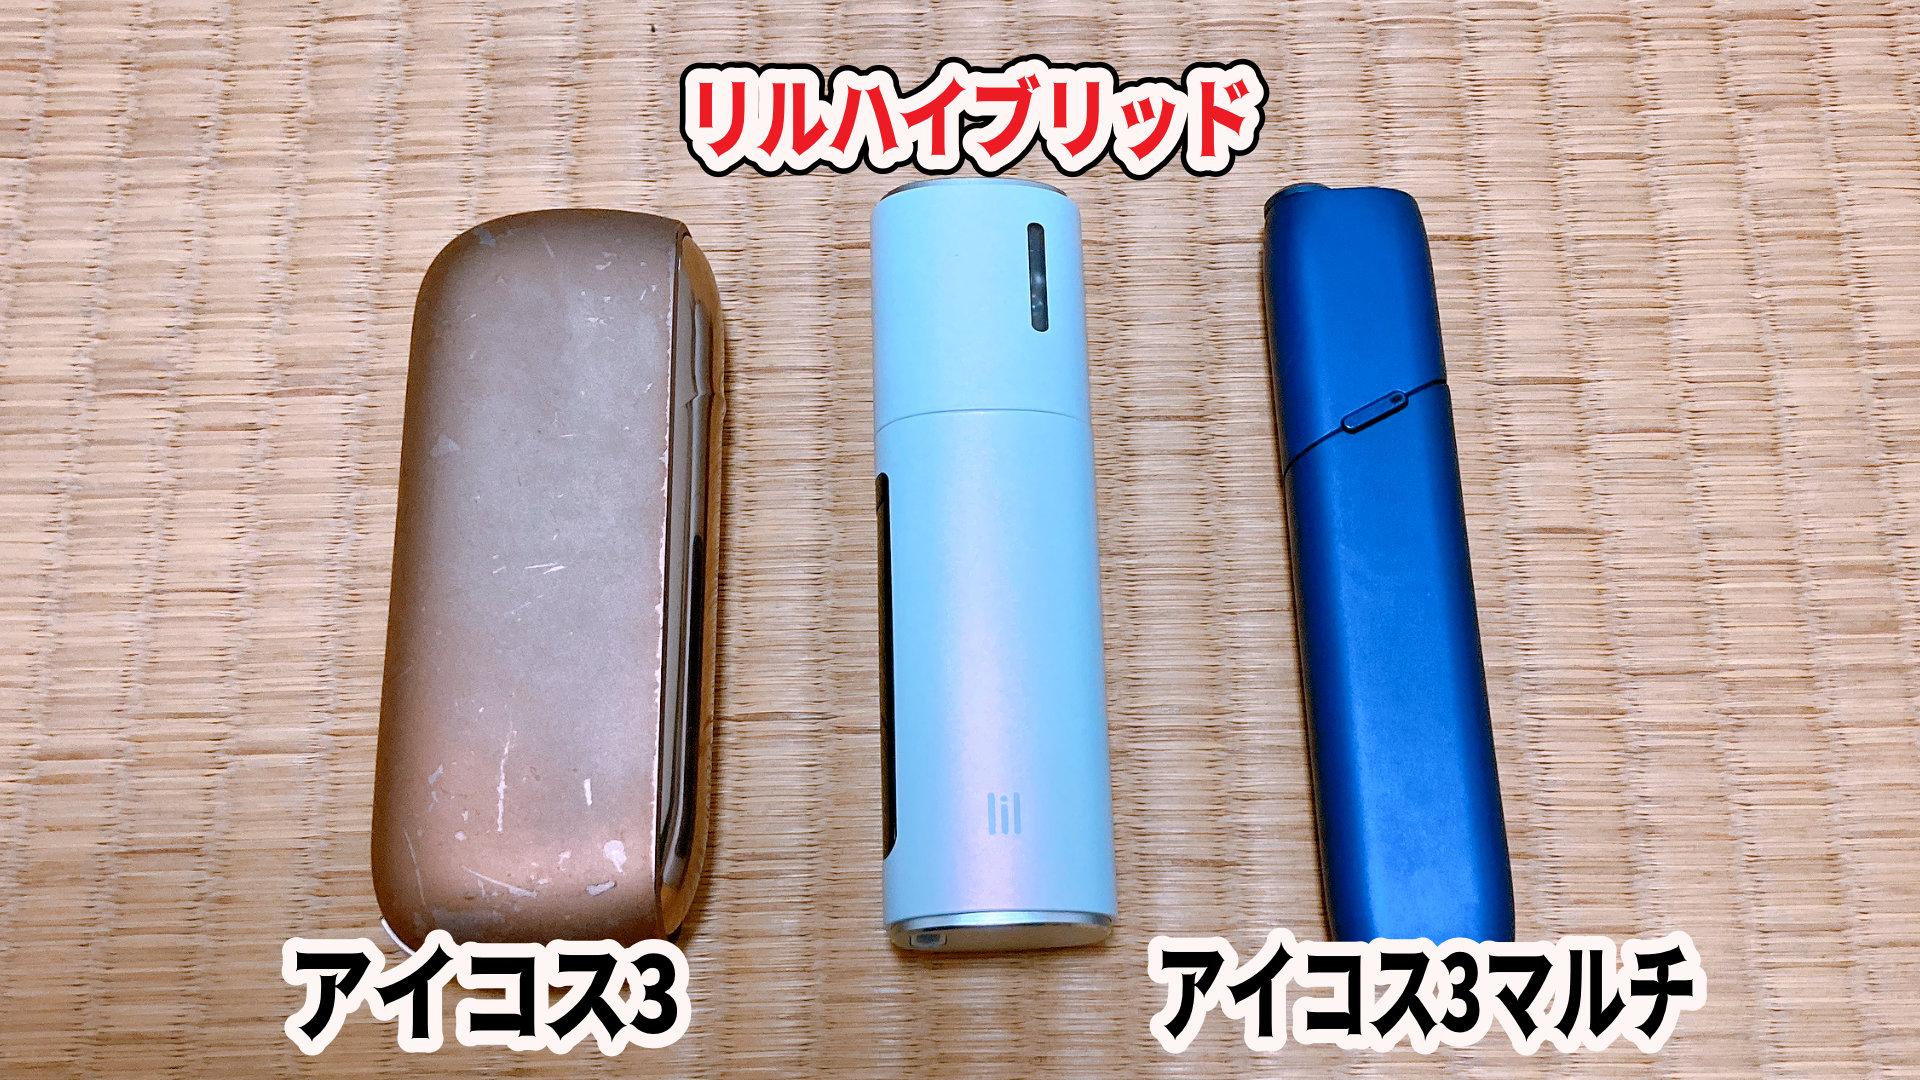 【次世代たばこデバイス】「スティック」と「リキッド」を併用する『リルハイブリッド』を使ってみた! 吸い応えは良いが……